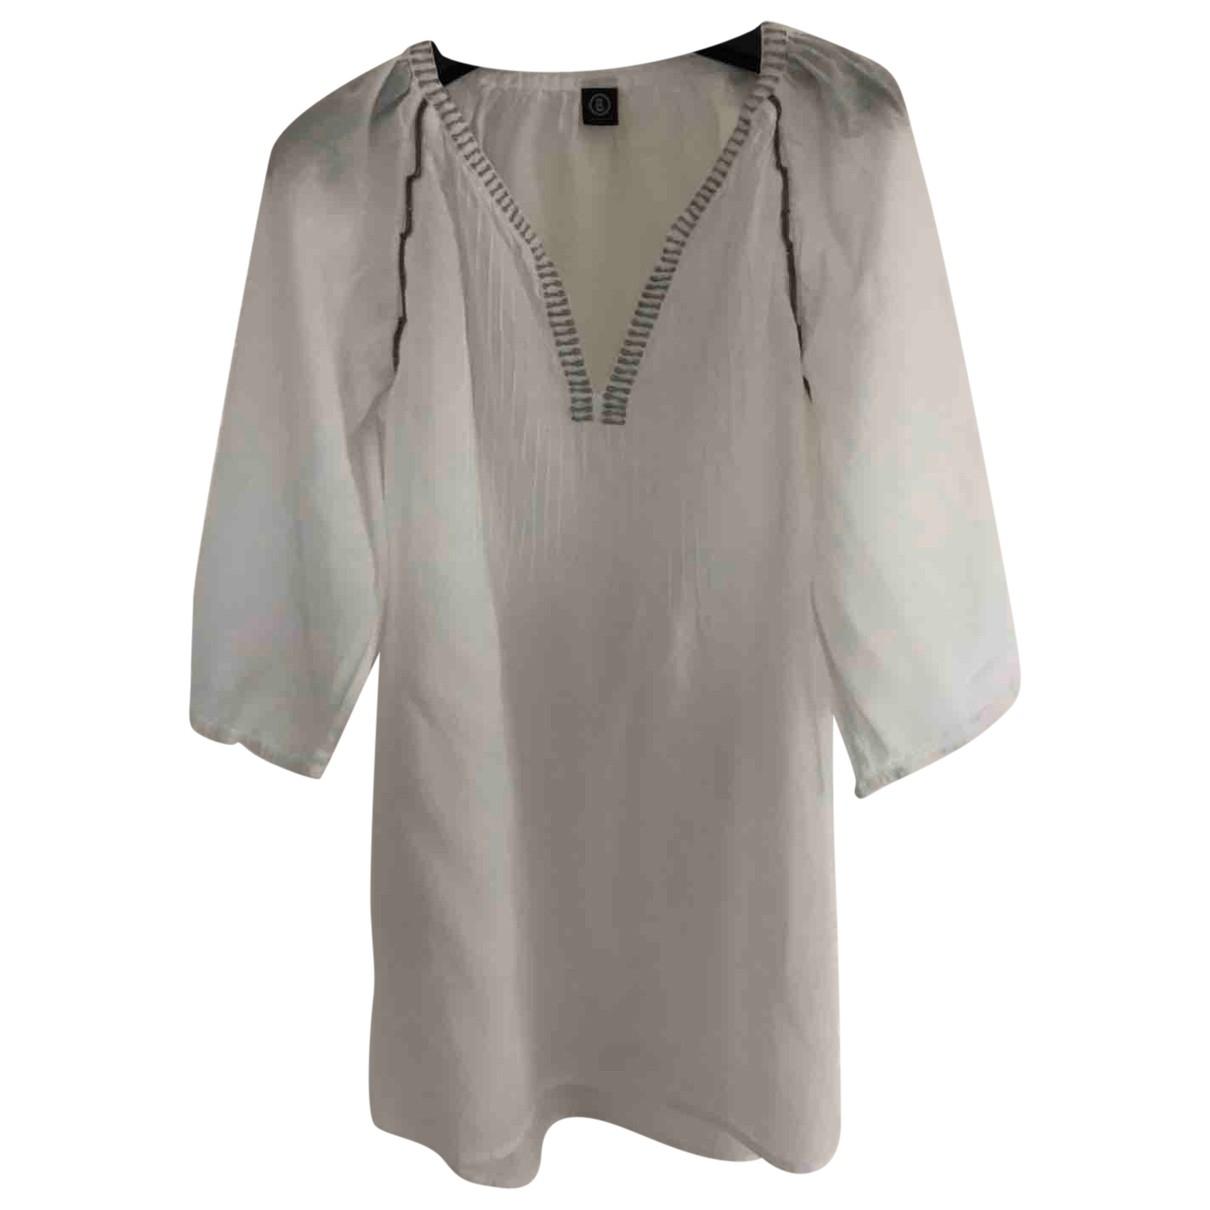 Bogner \N White Cotton  top for Women M International